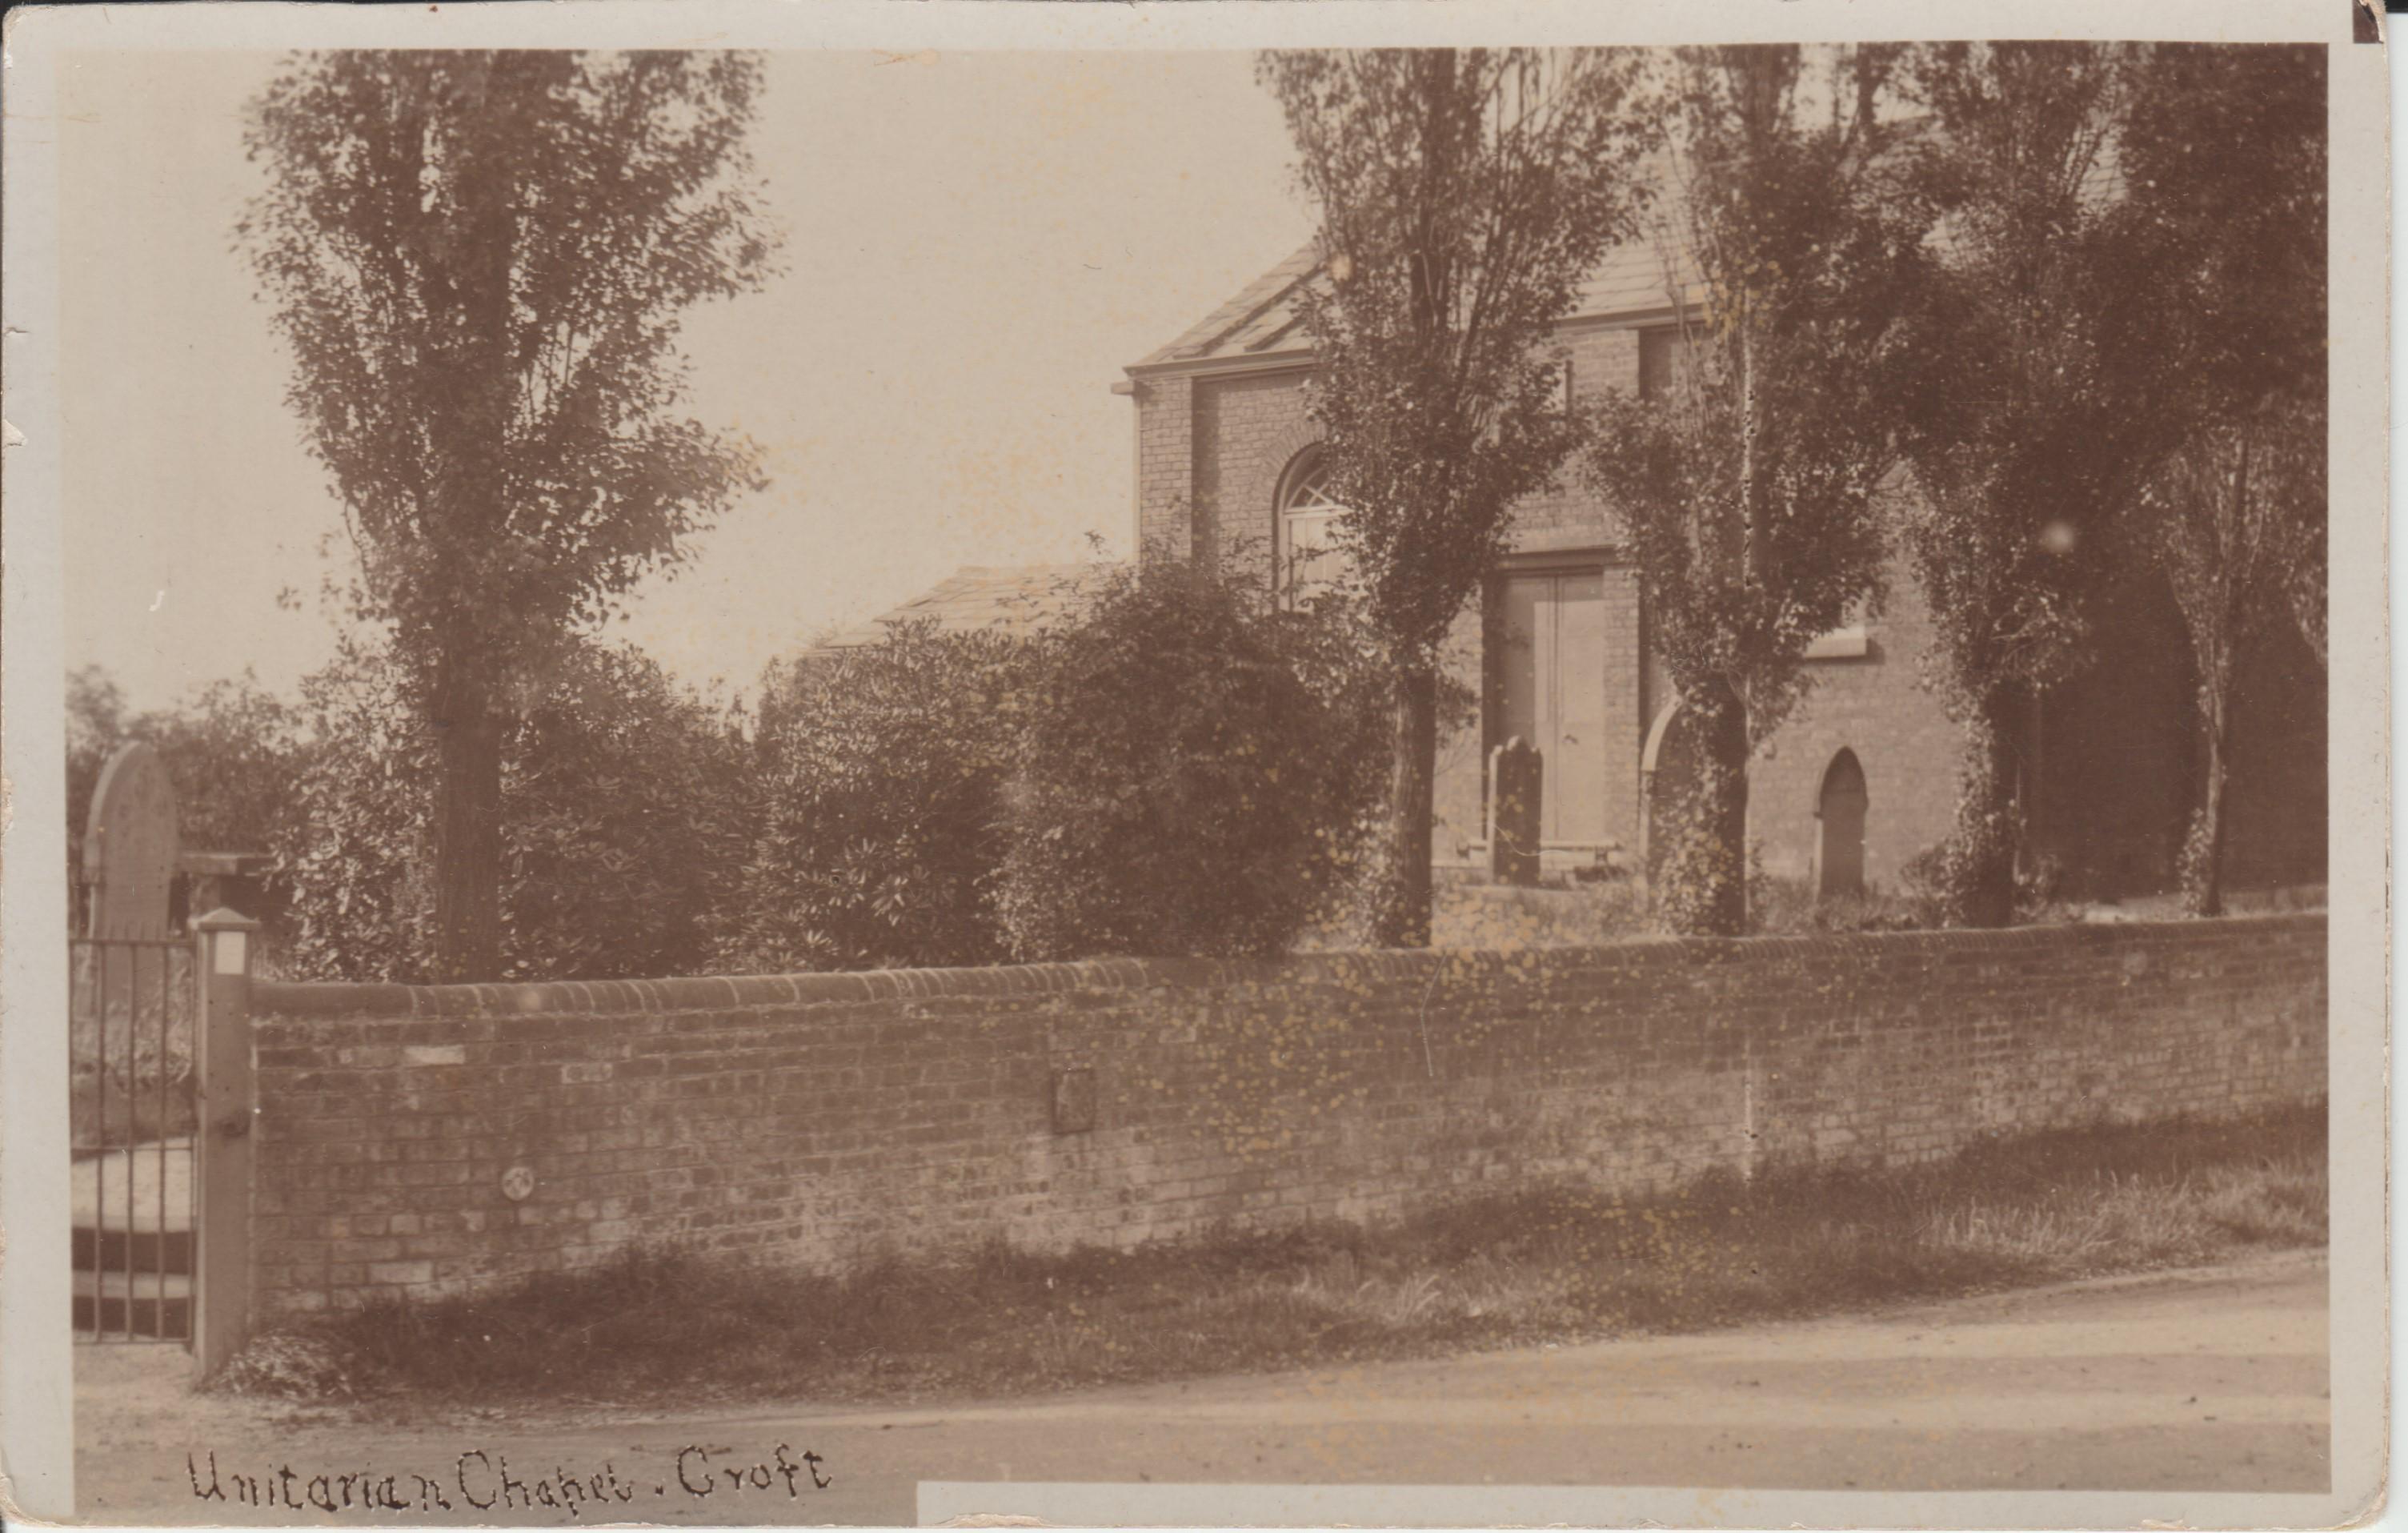 Unitarian Chapel Croft